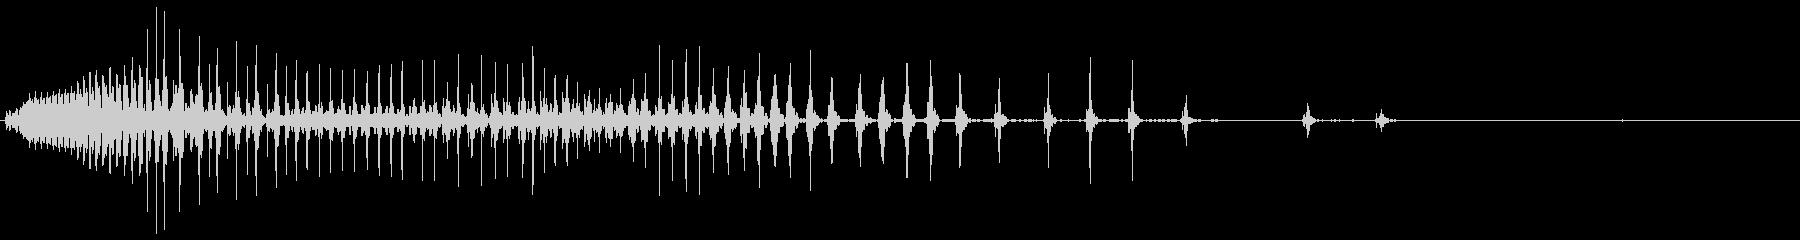 おならバットストレッチbの未再生の波形